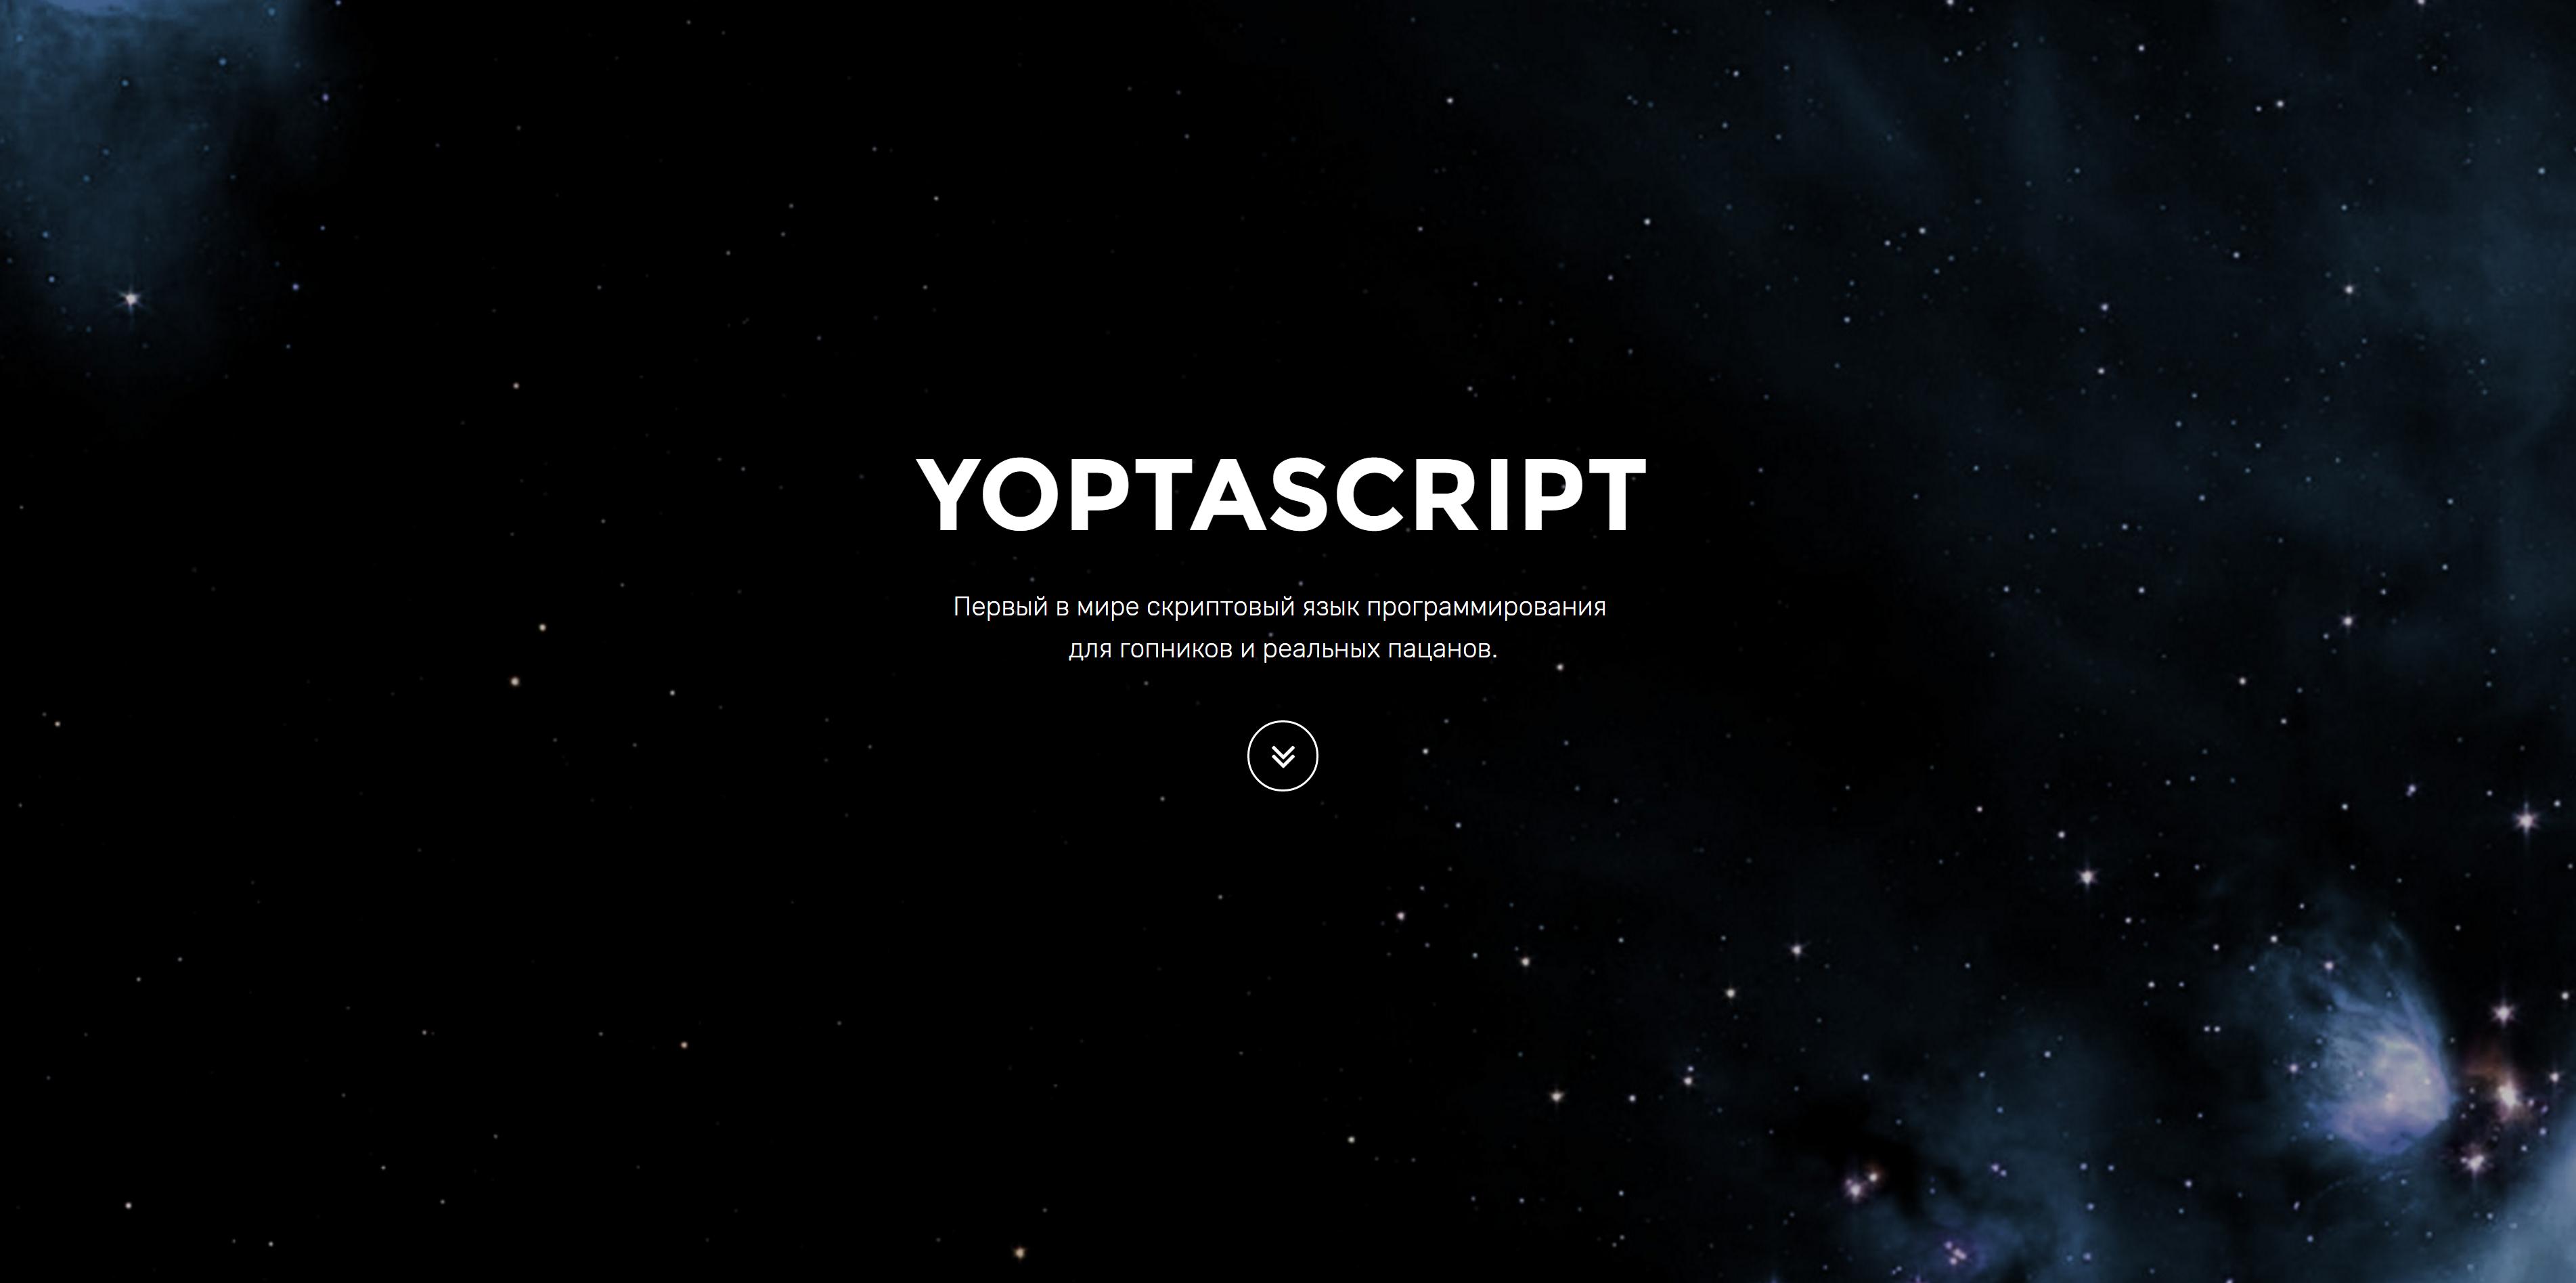 💻 Yoptascript | Un langage de programmation parodique créer par étudiants russes